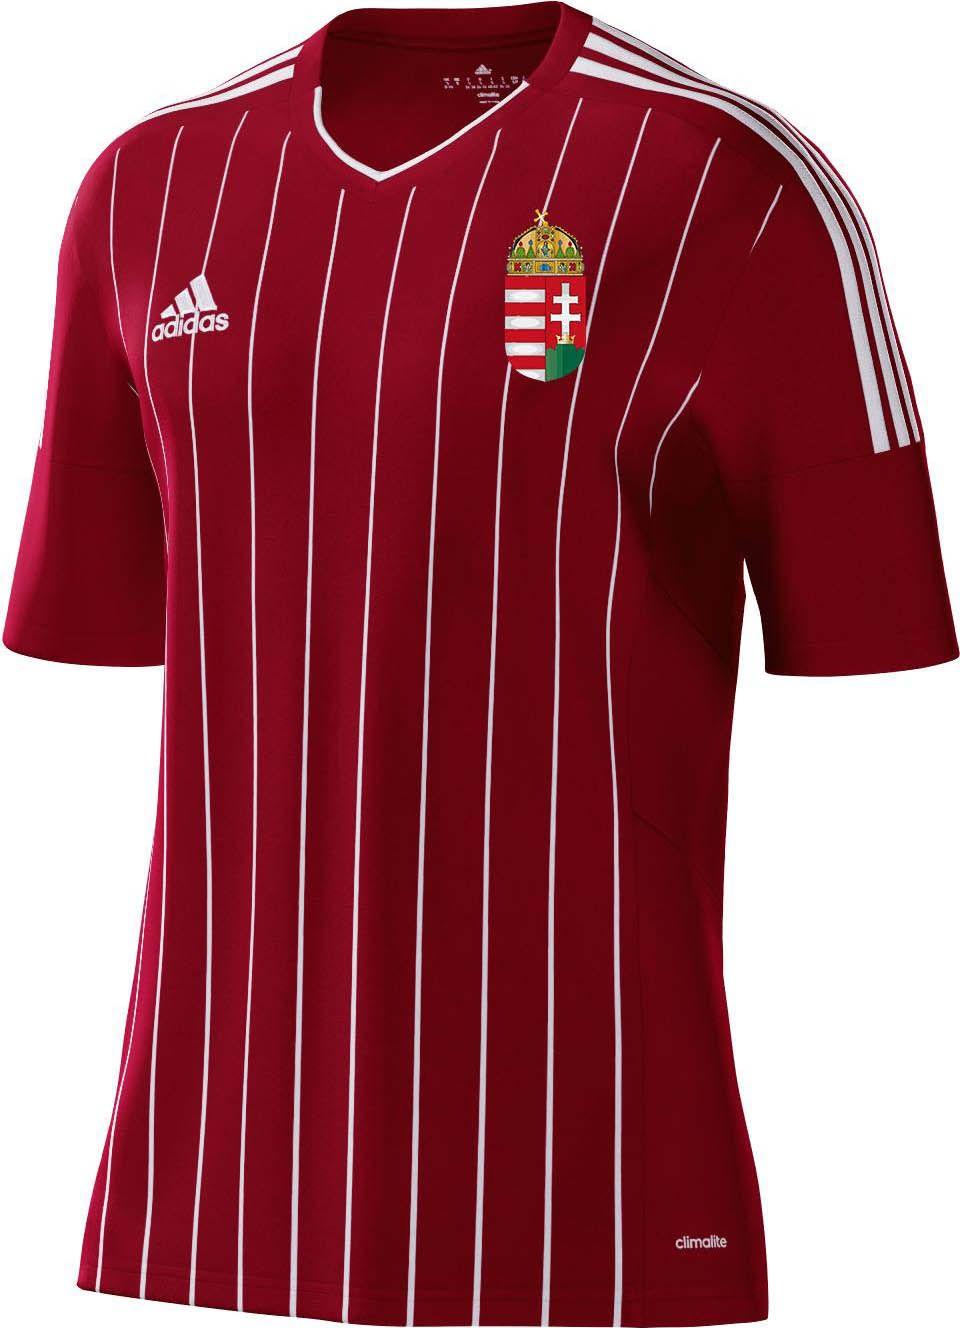 Torcedores escolhem os novos uniformes da Hungria - Show de Camisas ... ba78237353cc2